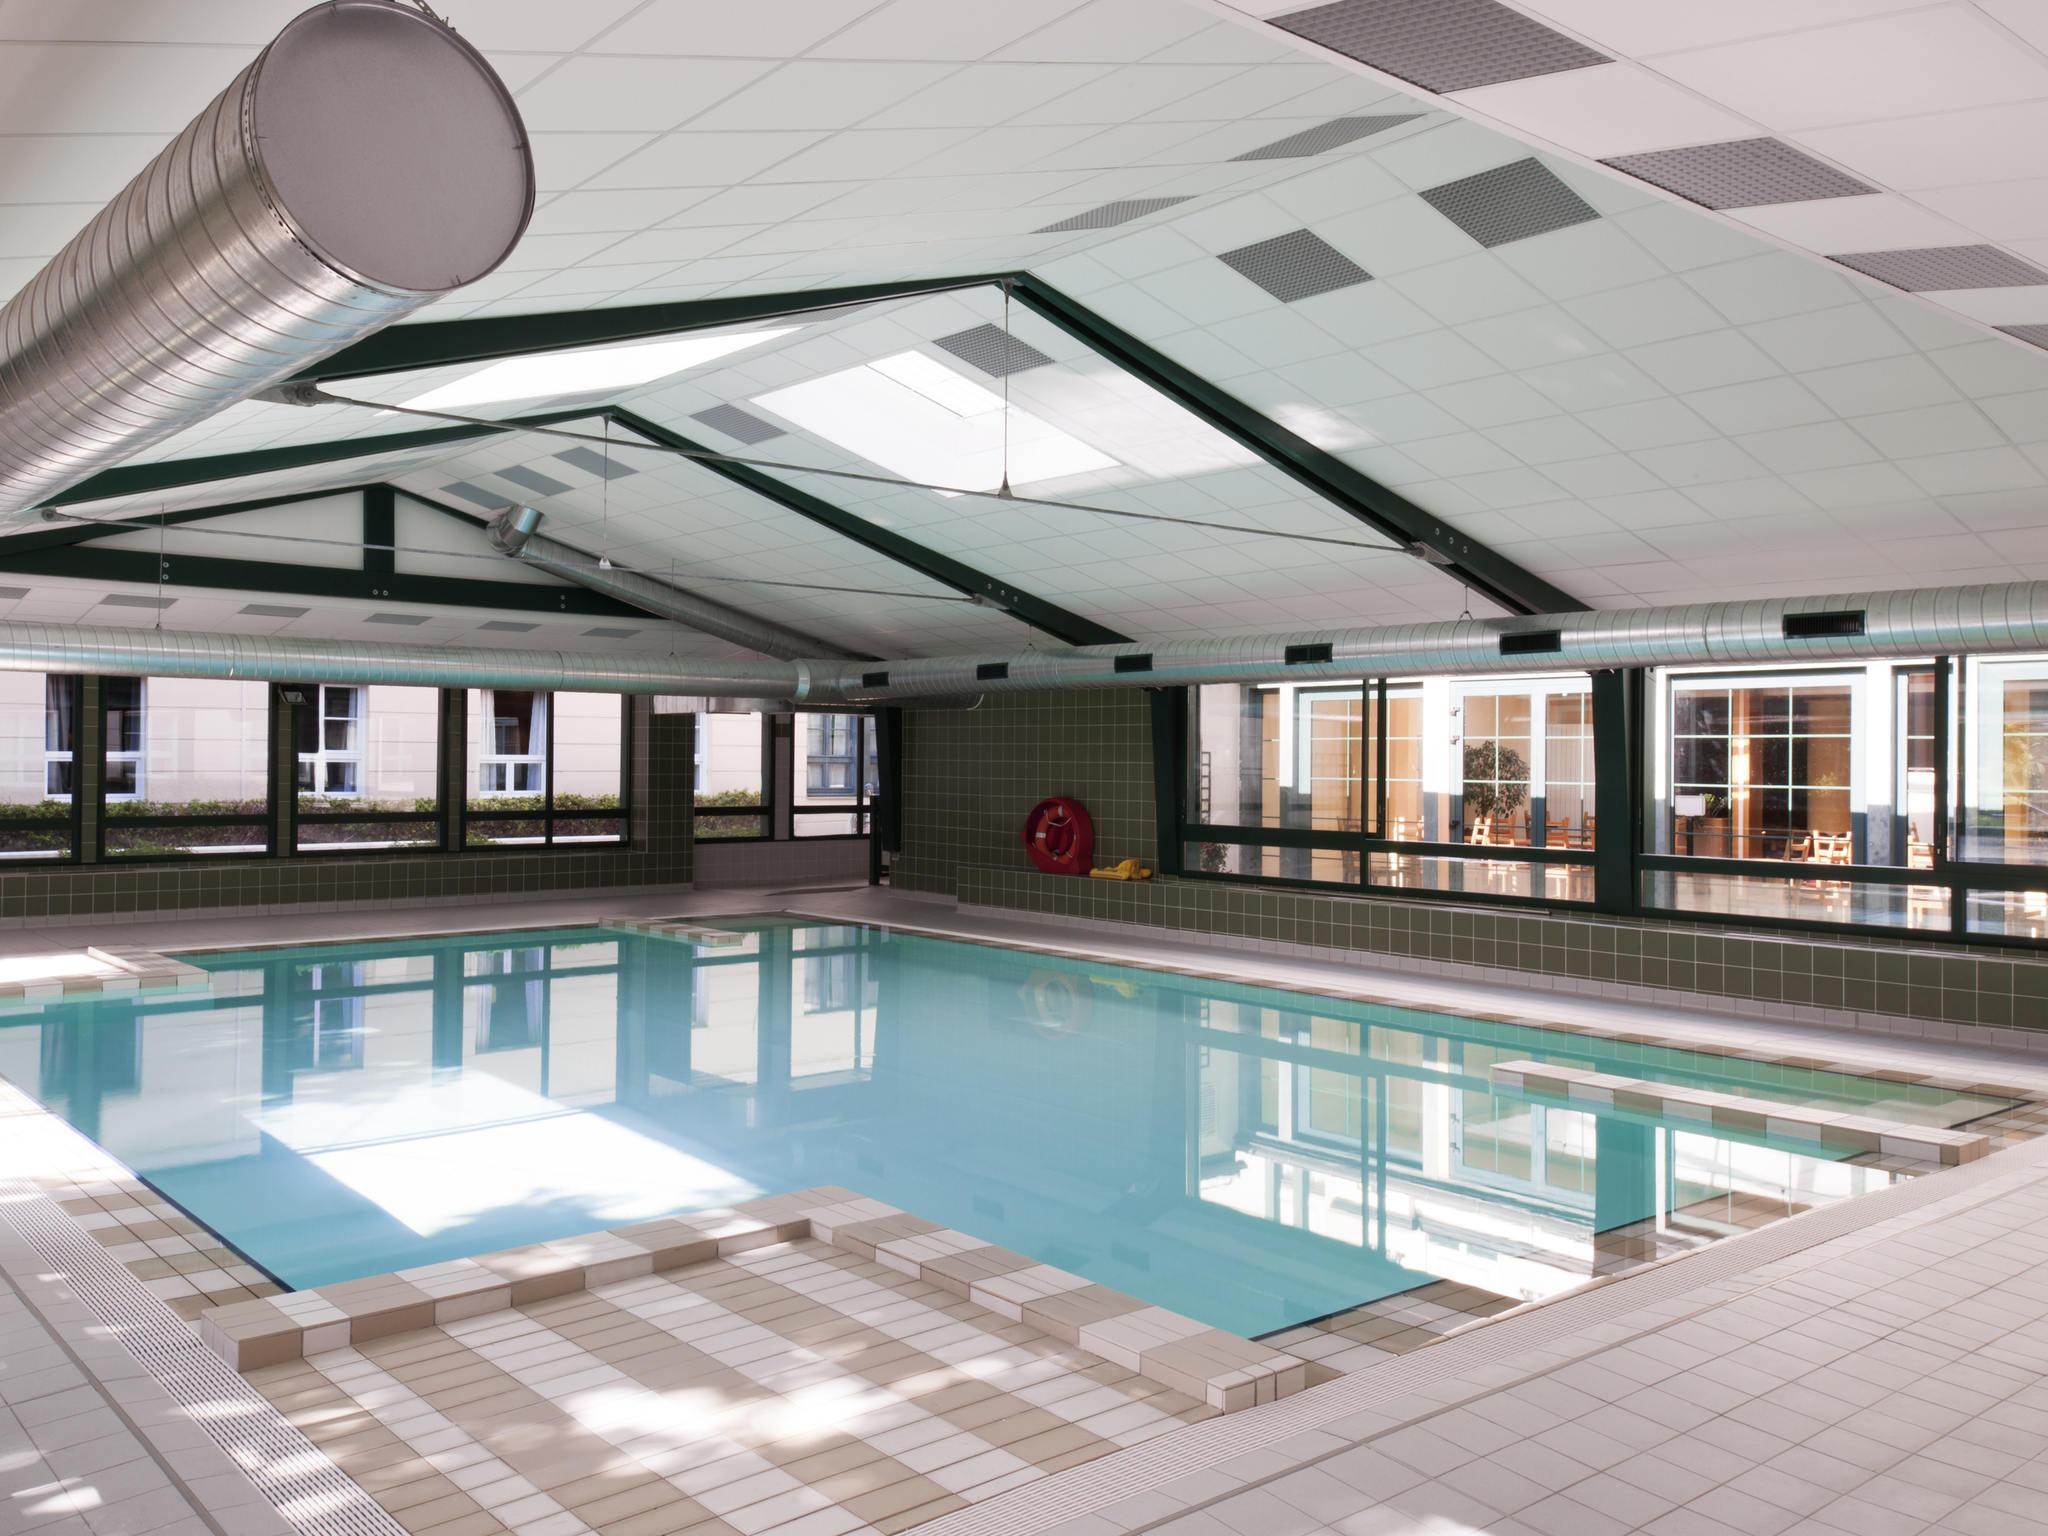 酒店 – 阿德吉奥马恩河谷欧洲谷酒店